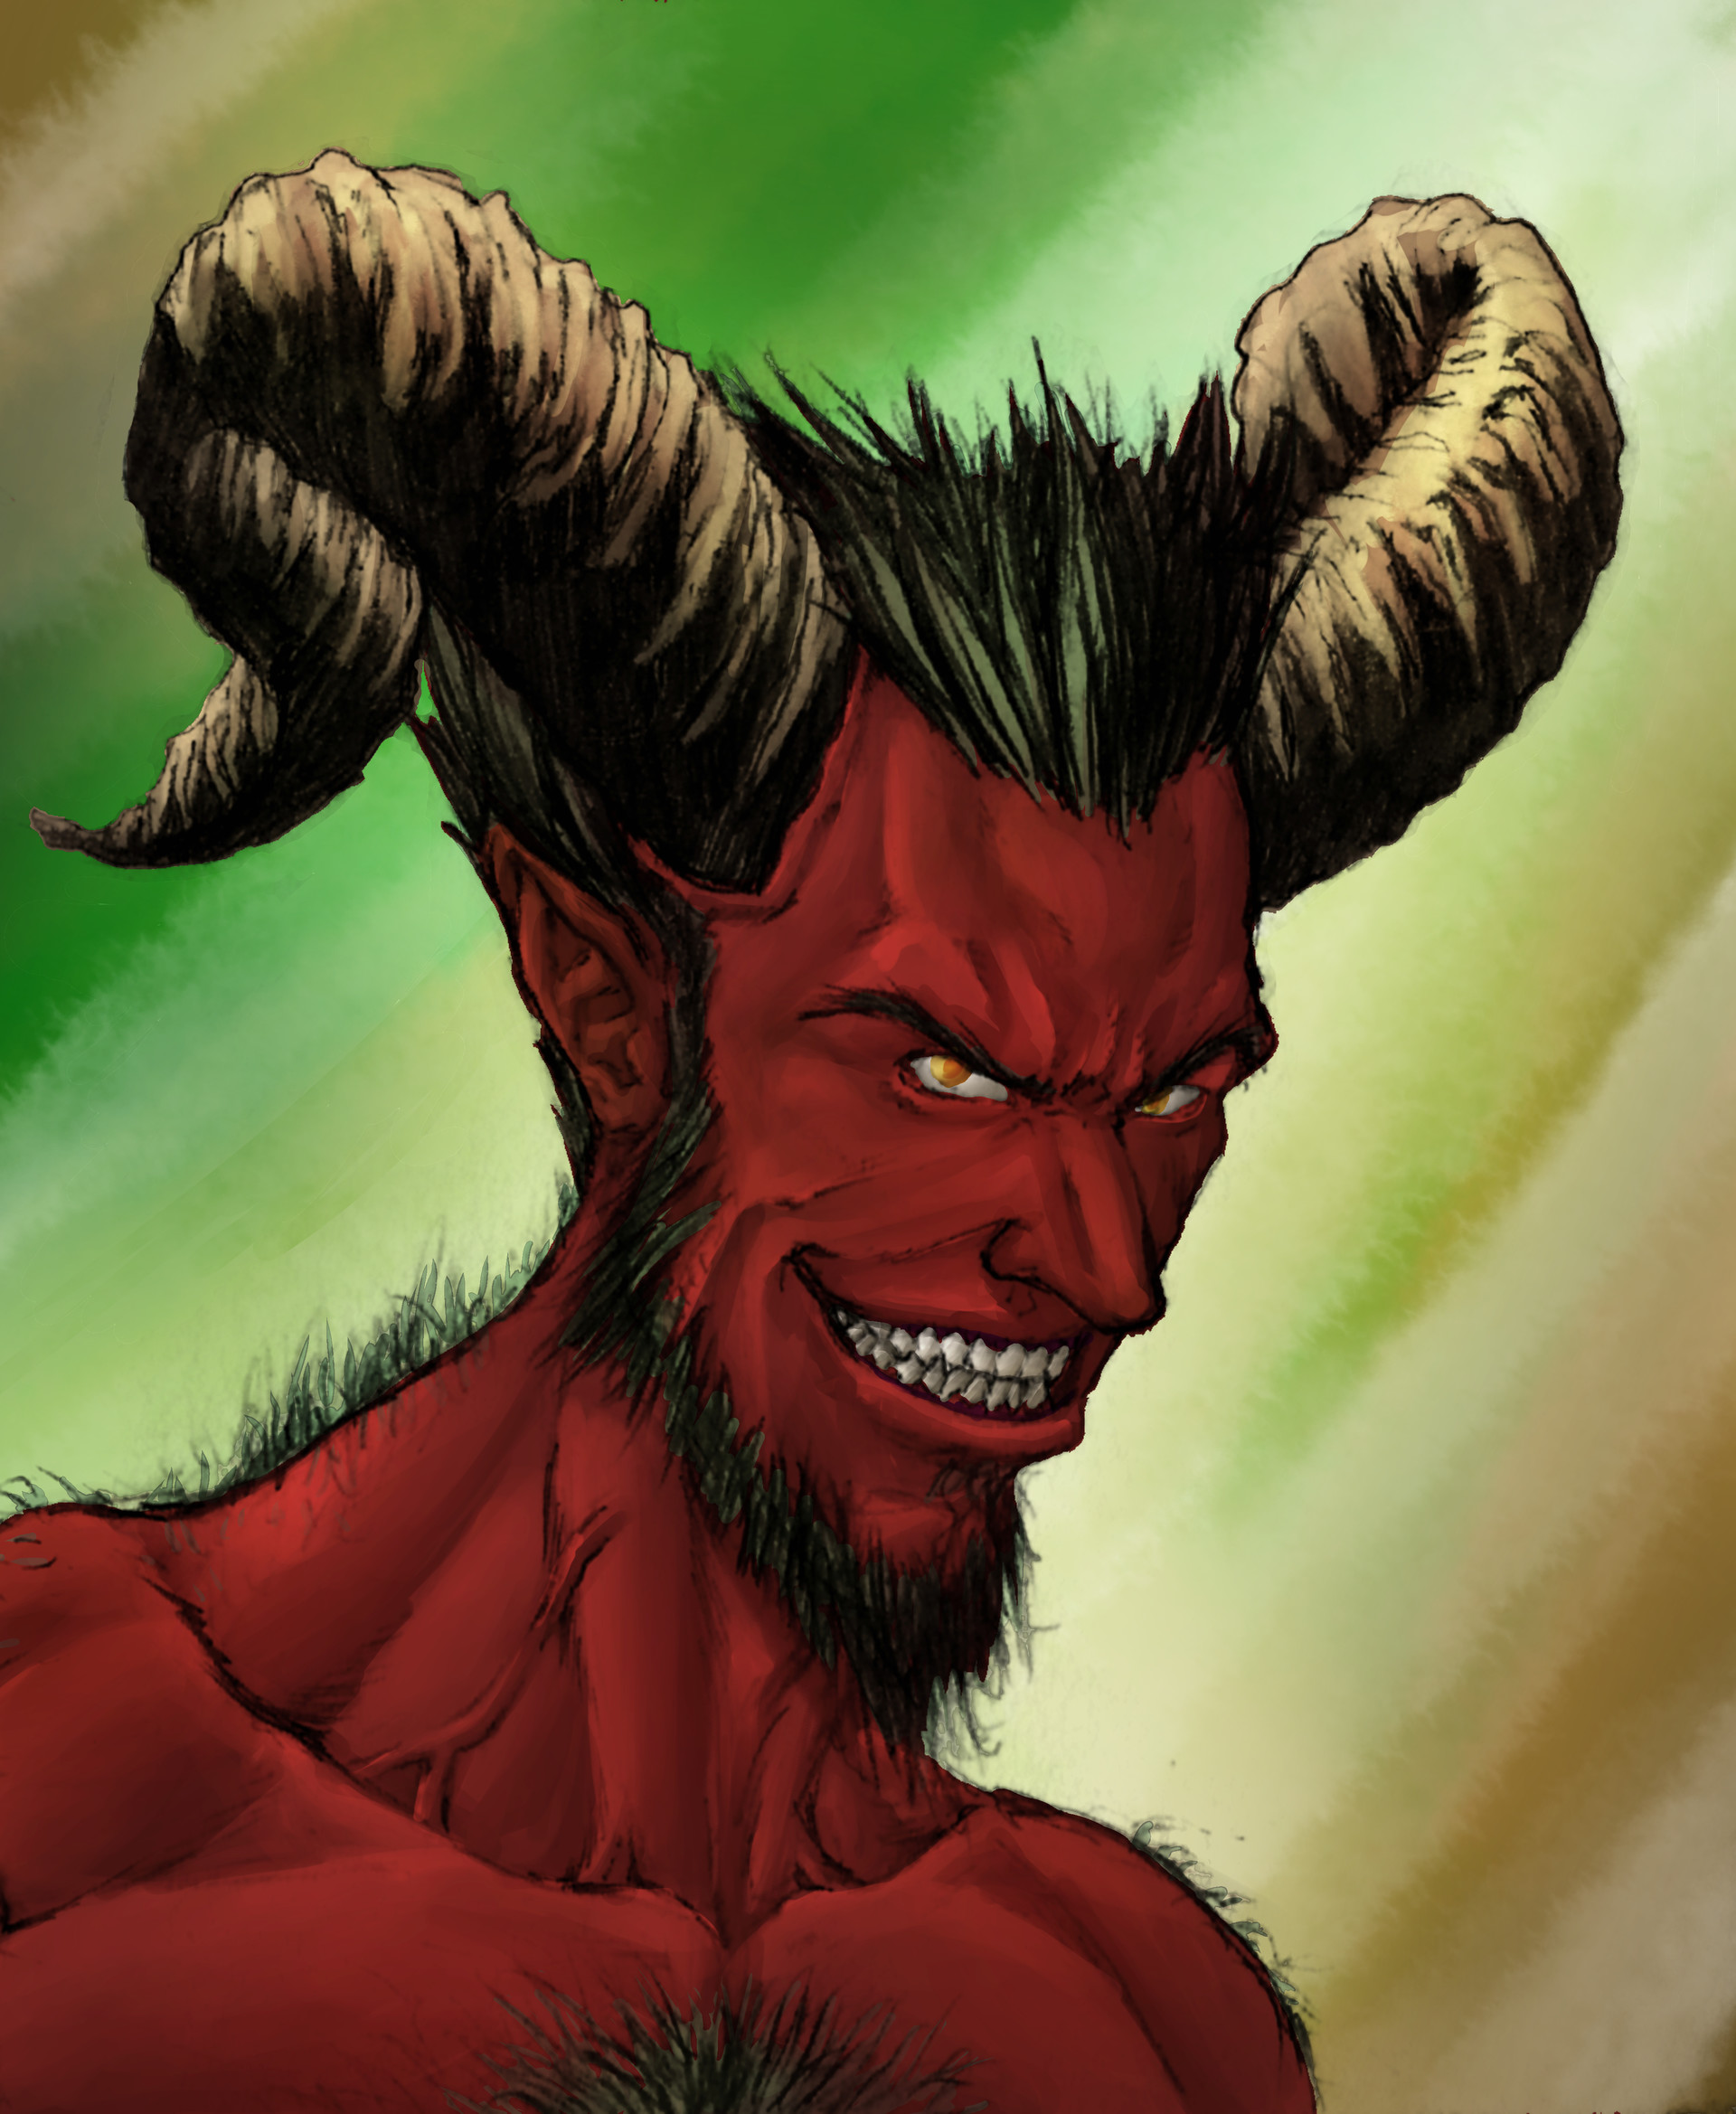 Gustavo melo demon color